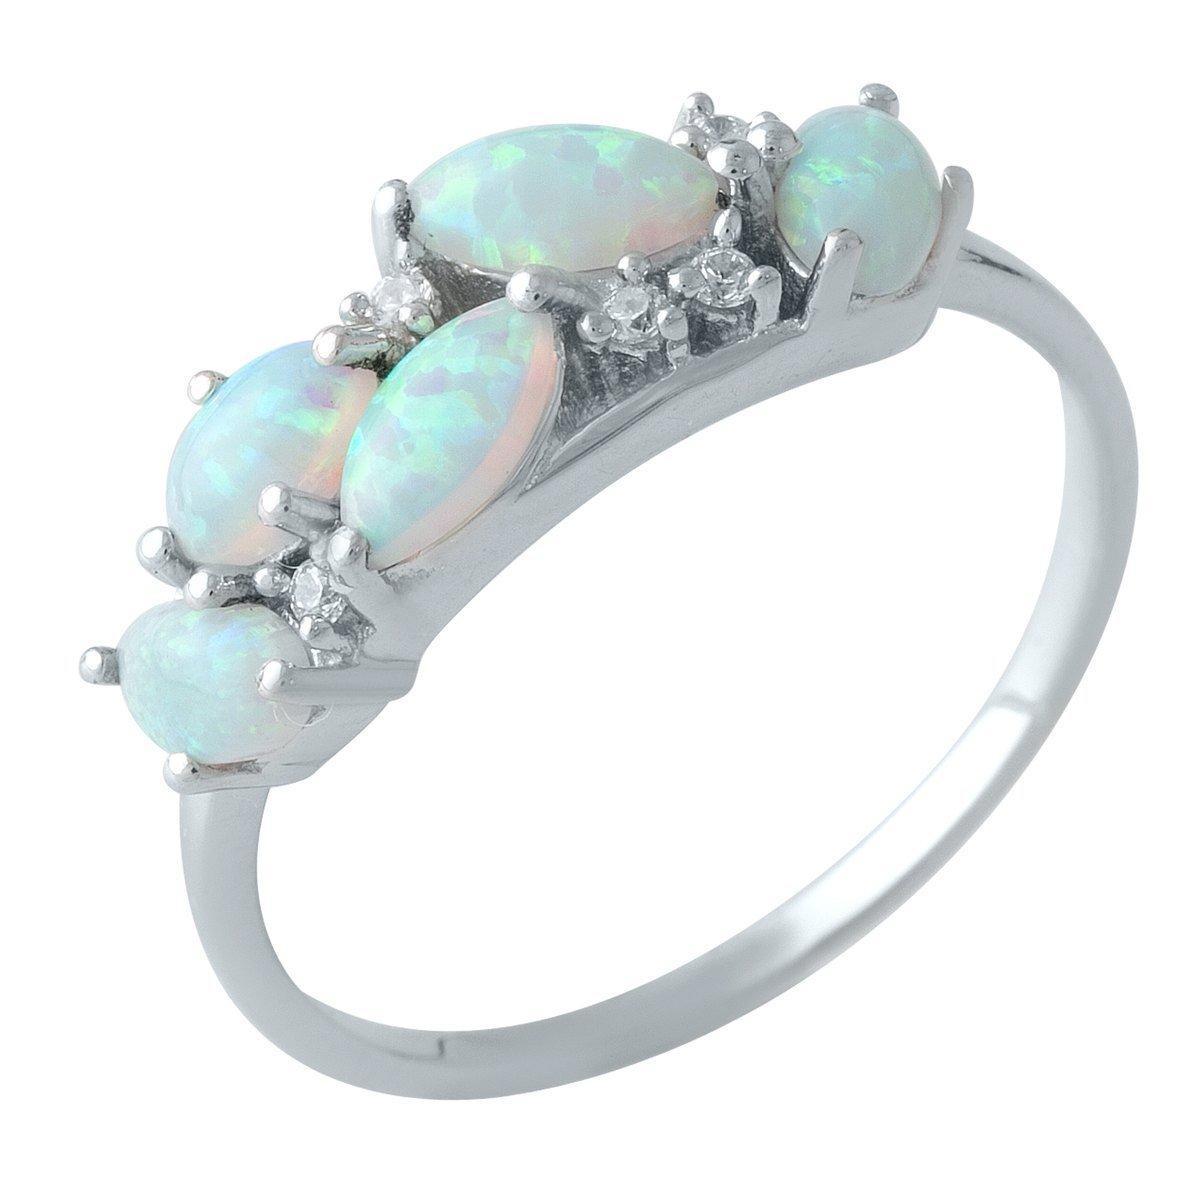 Серебряное кольцо DreamJewelry с опалом 0.725ct (1998847) 18.5 размер